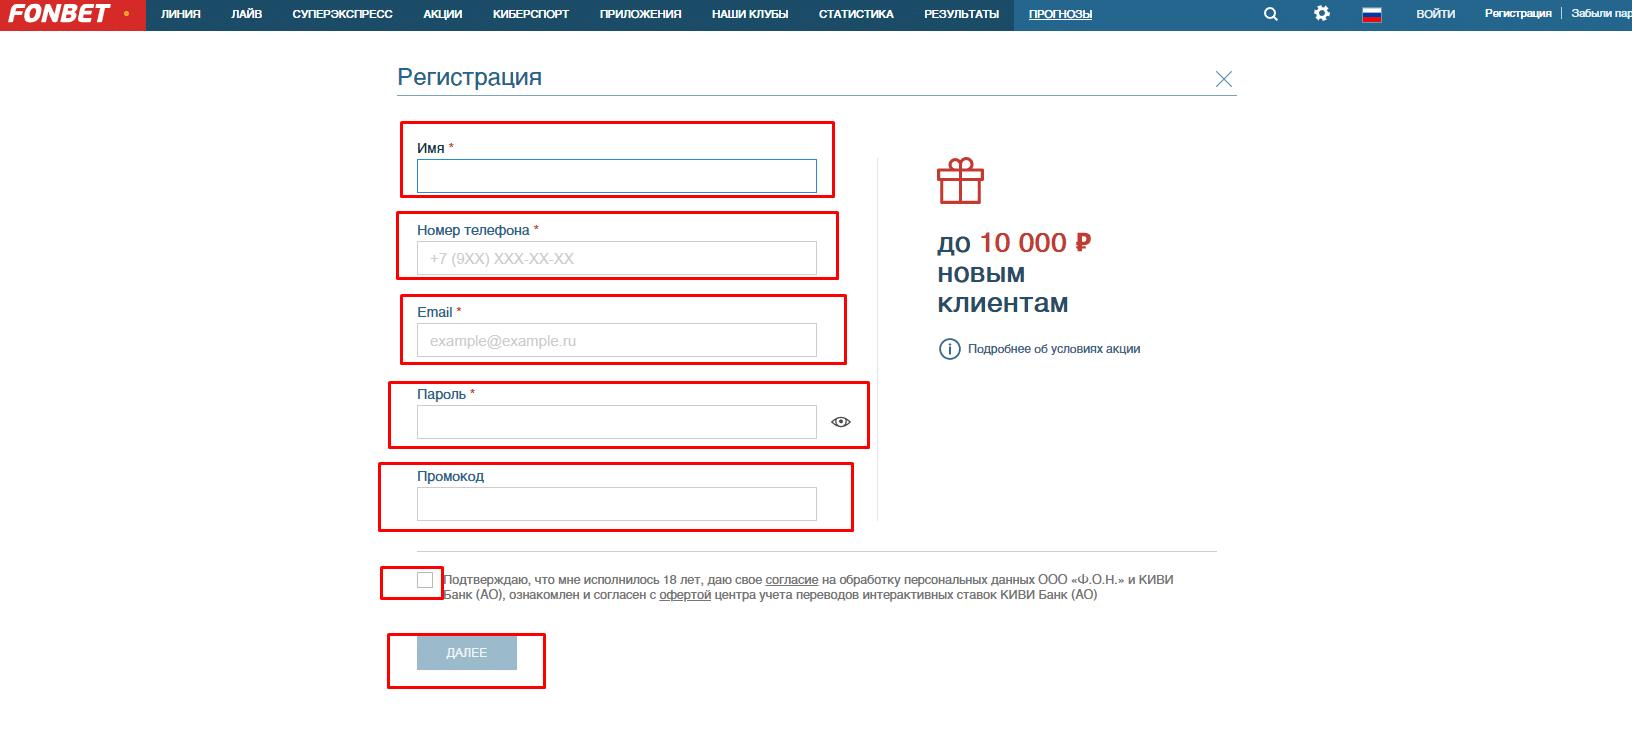 Как зарегистрироваться в БК Фонбет